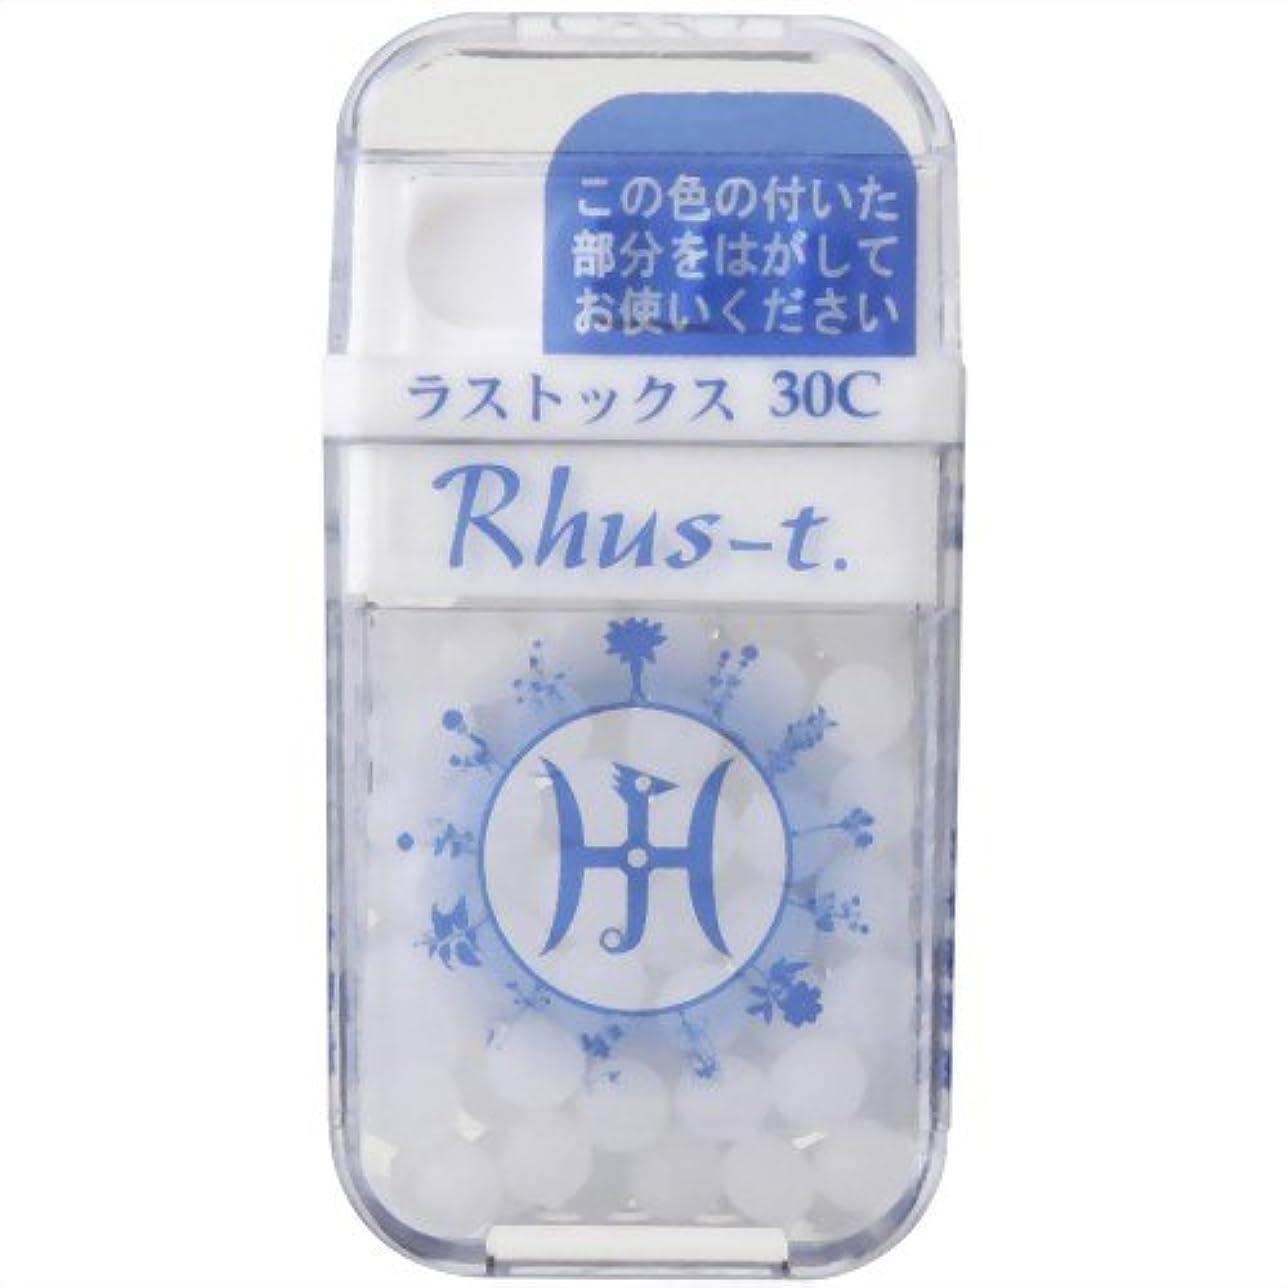 ホメオパシージャパンレメディー Rhus-t.  ラストックス 30C (大ビン)